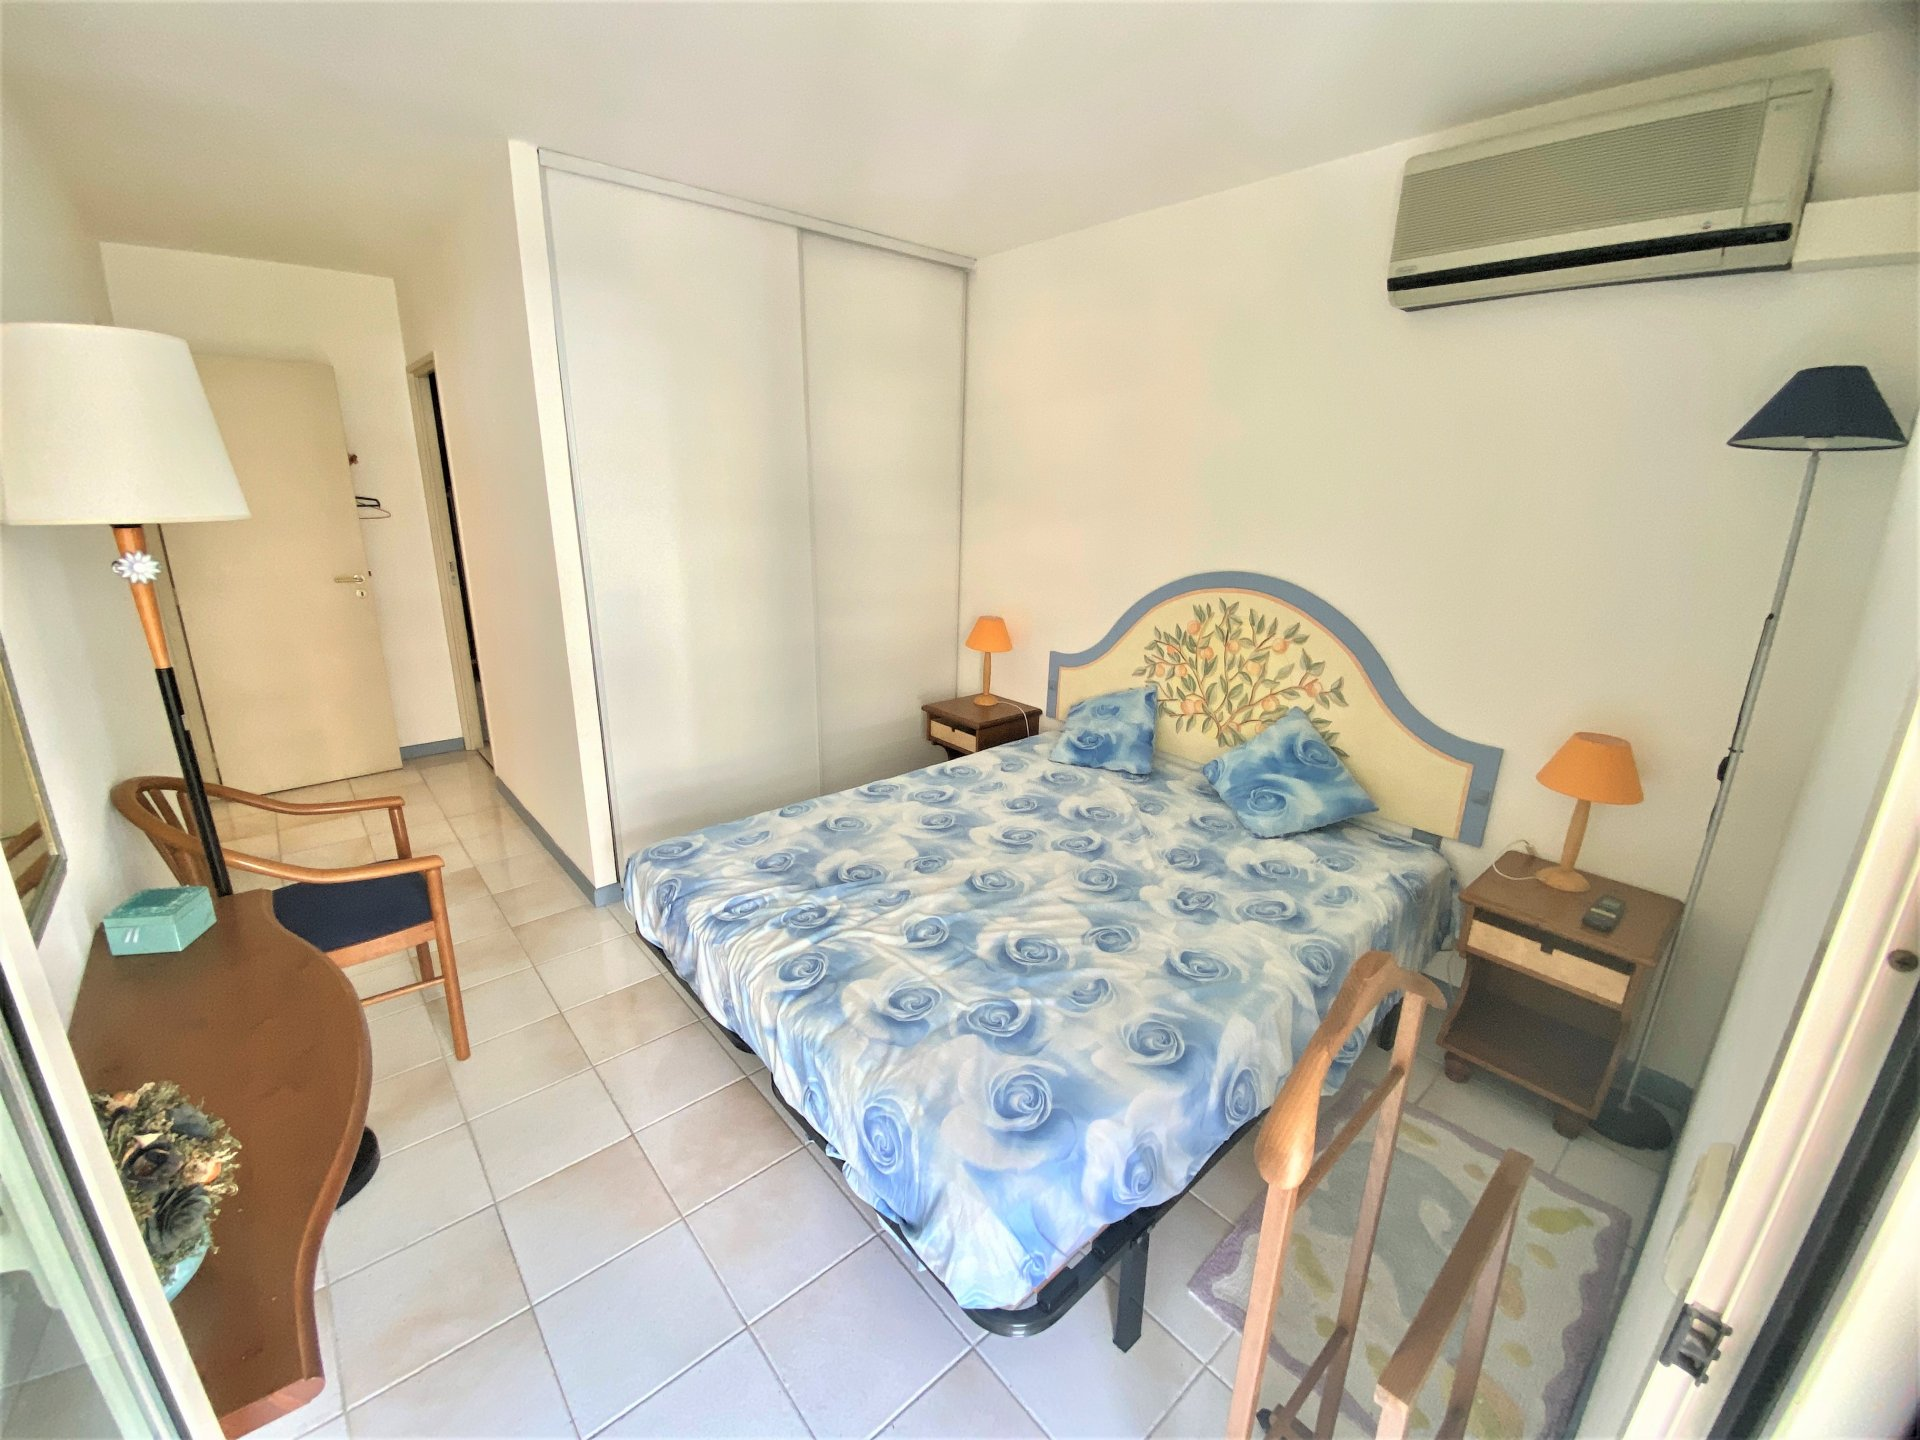 Сезонная аренда Квартира - Жюан-ле-Пен (Juan-les-Pins)